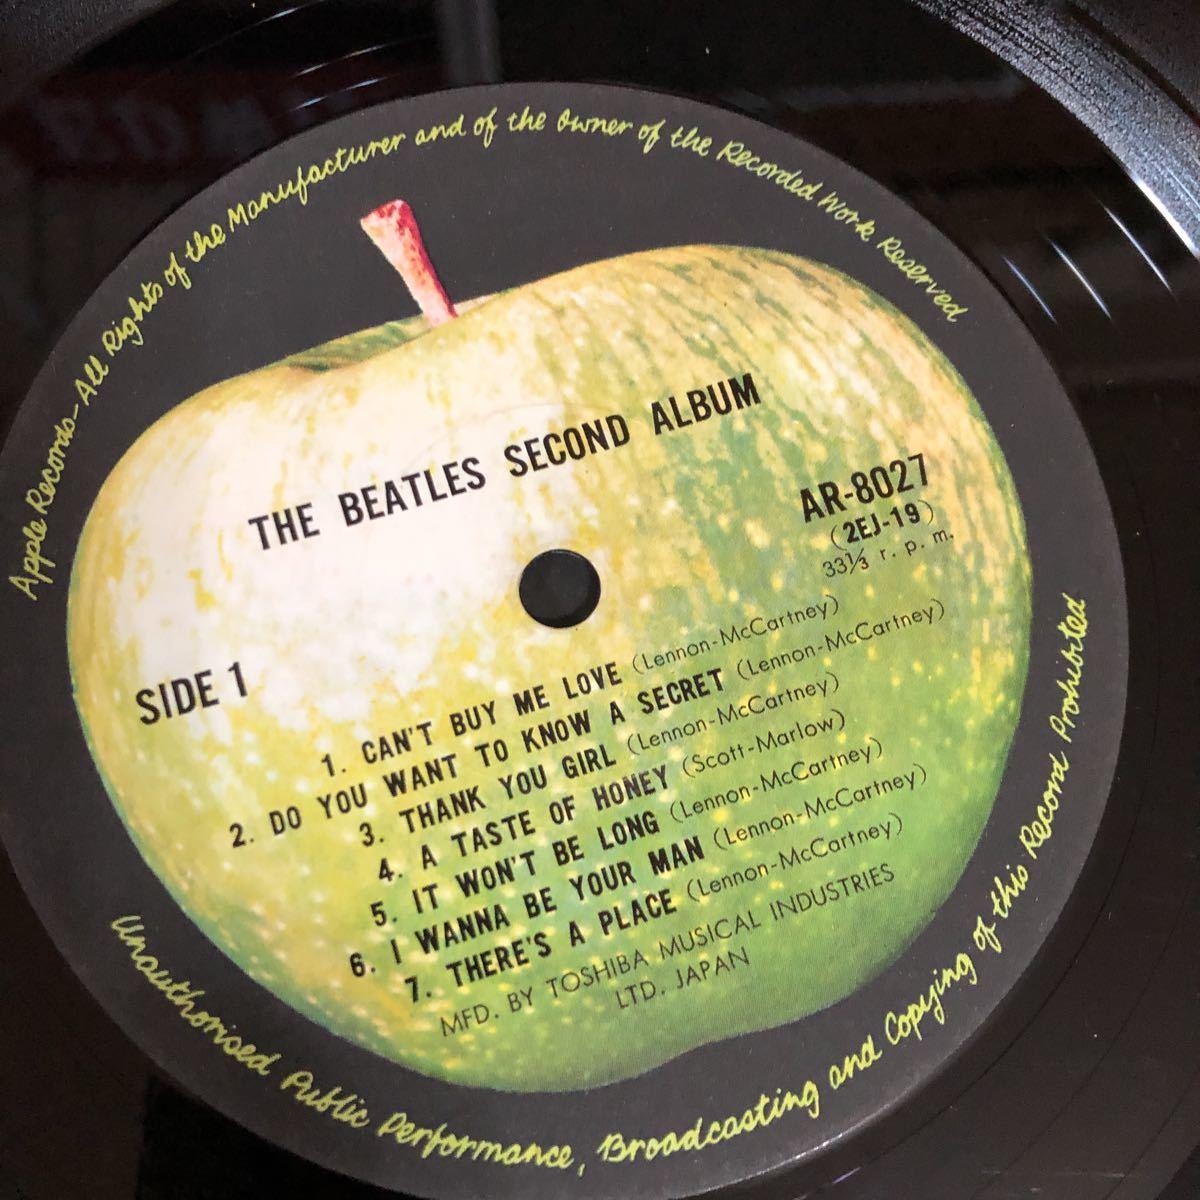 LPレコード★洋楽★THE BEATLES ★ビートルズNO.2!★SECOND ALBUM ★レコード多数出品中  紙ジャケ_画像5